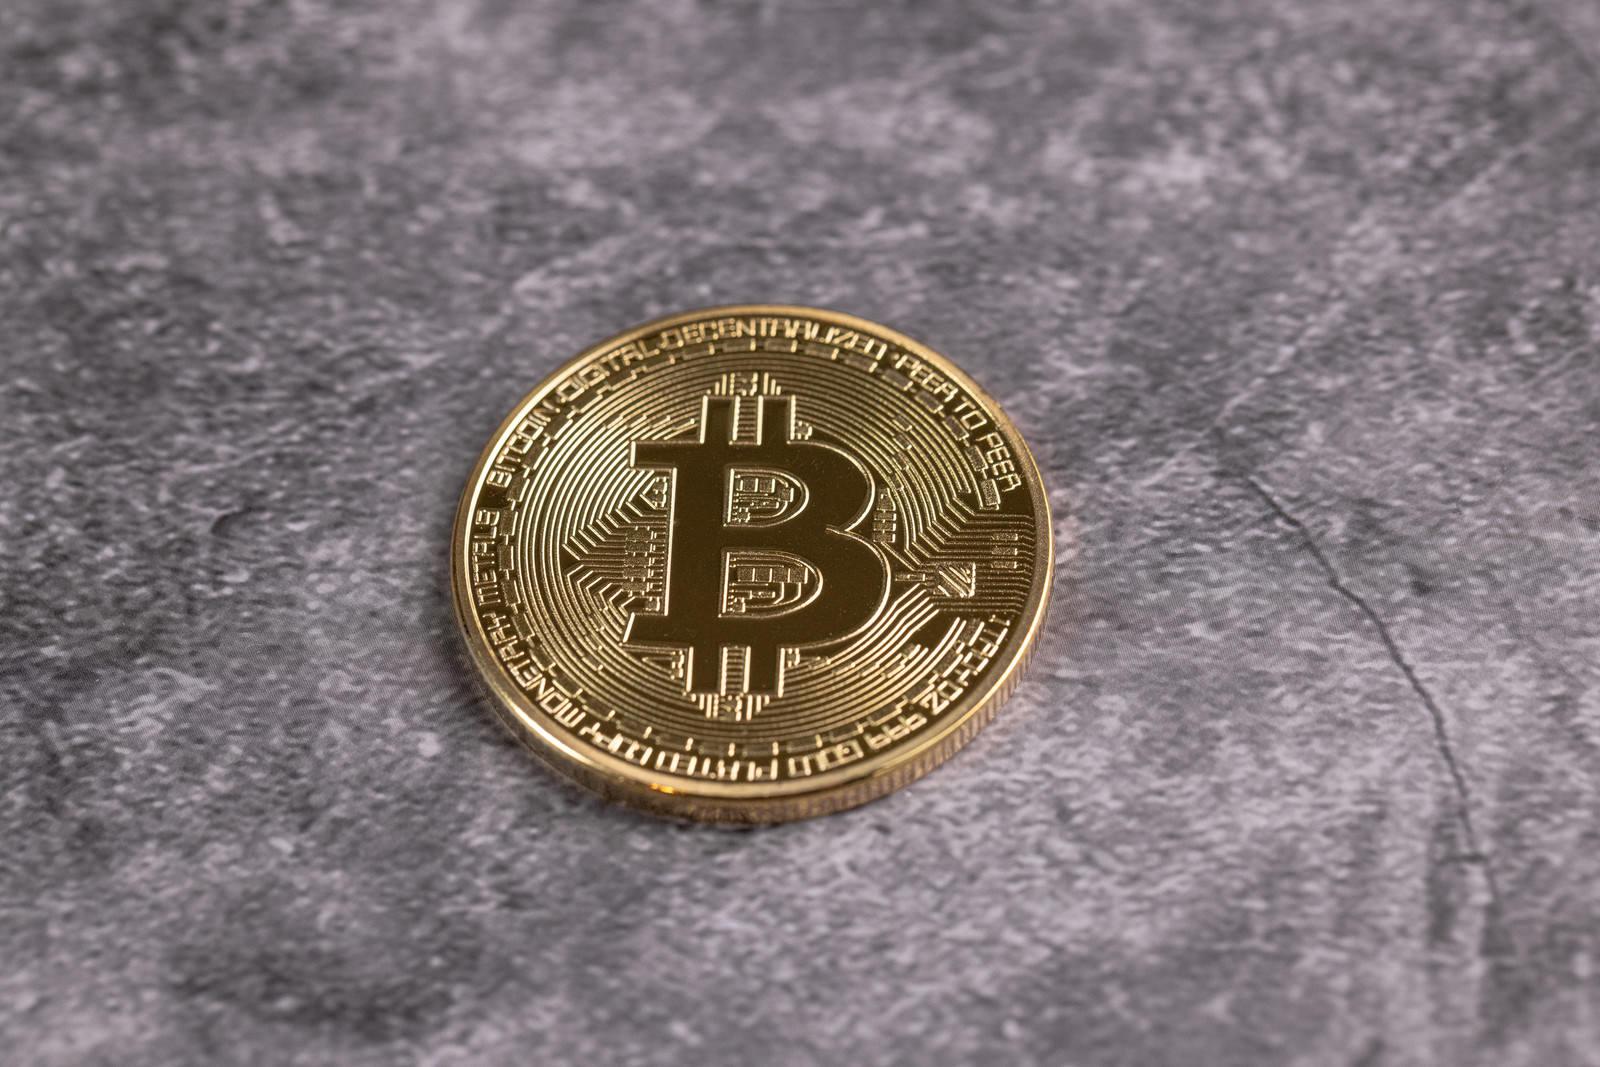 「卓上に置かれた一枚の金貨(ビットコイン)」の写真